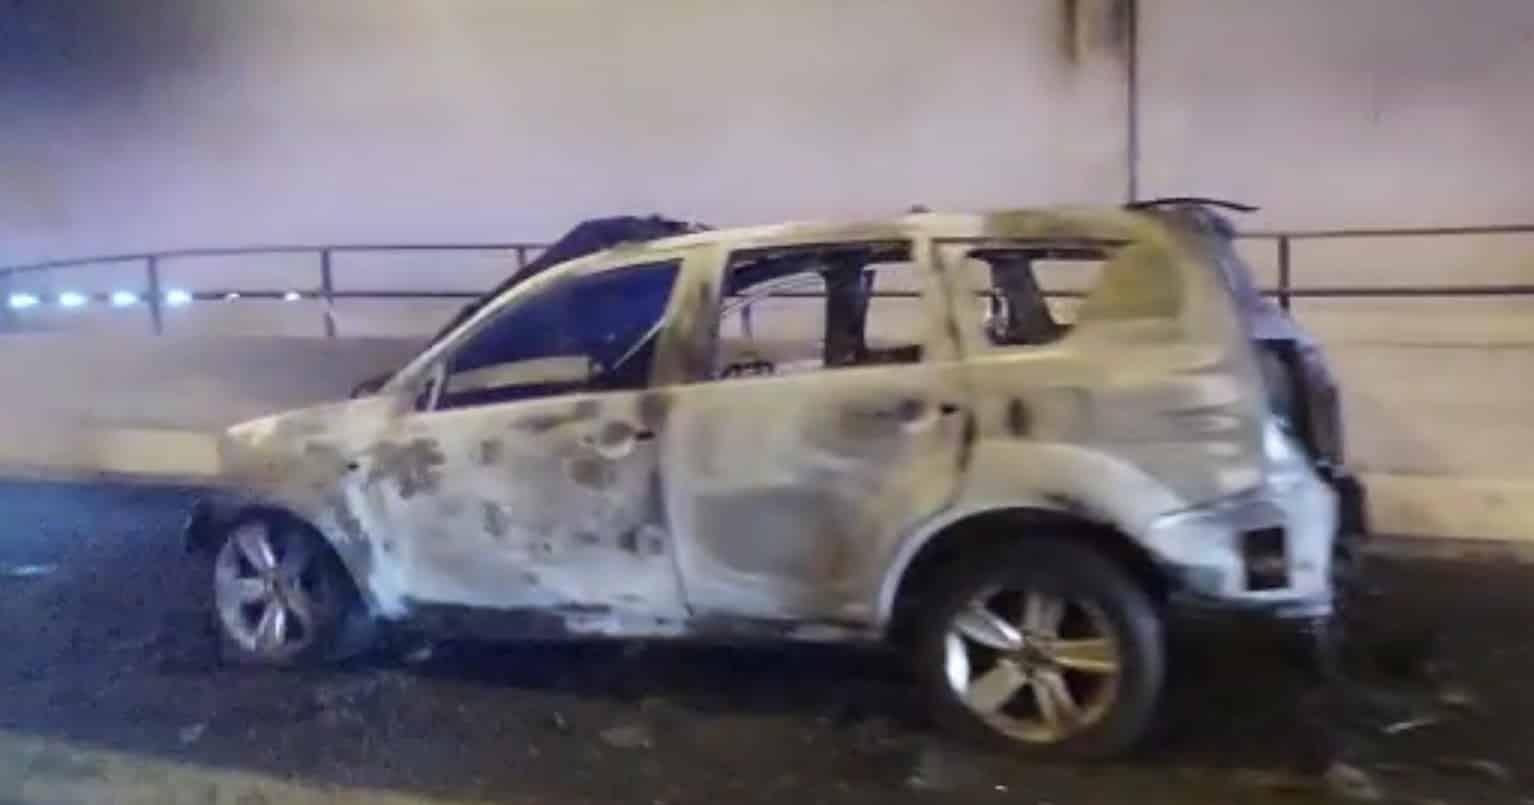 Auto in fiamme sulla Catania-Siracusa: autisti nel panico cercano di scappare, traffico in tilt – FOTO e VIDEO